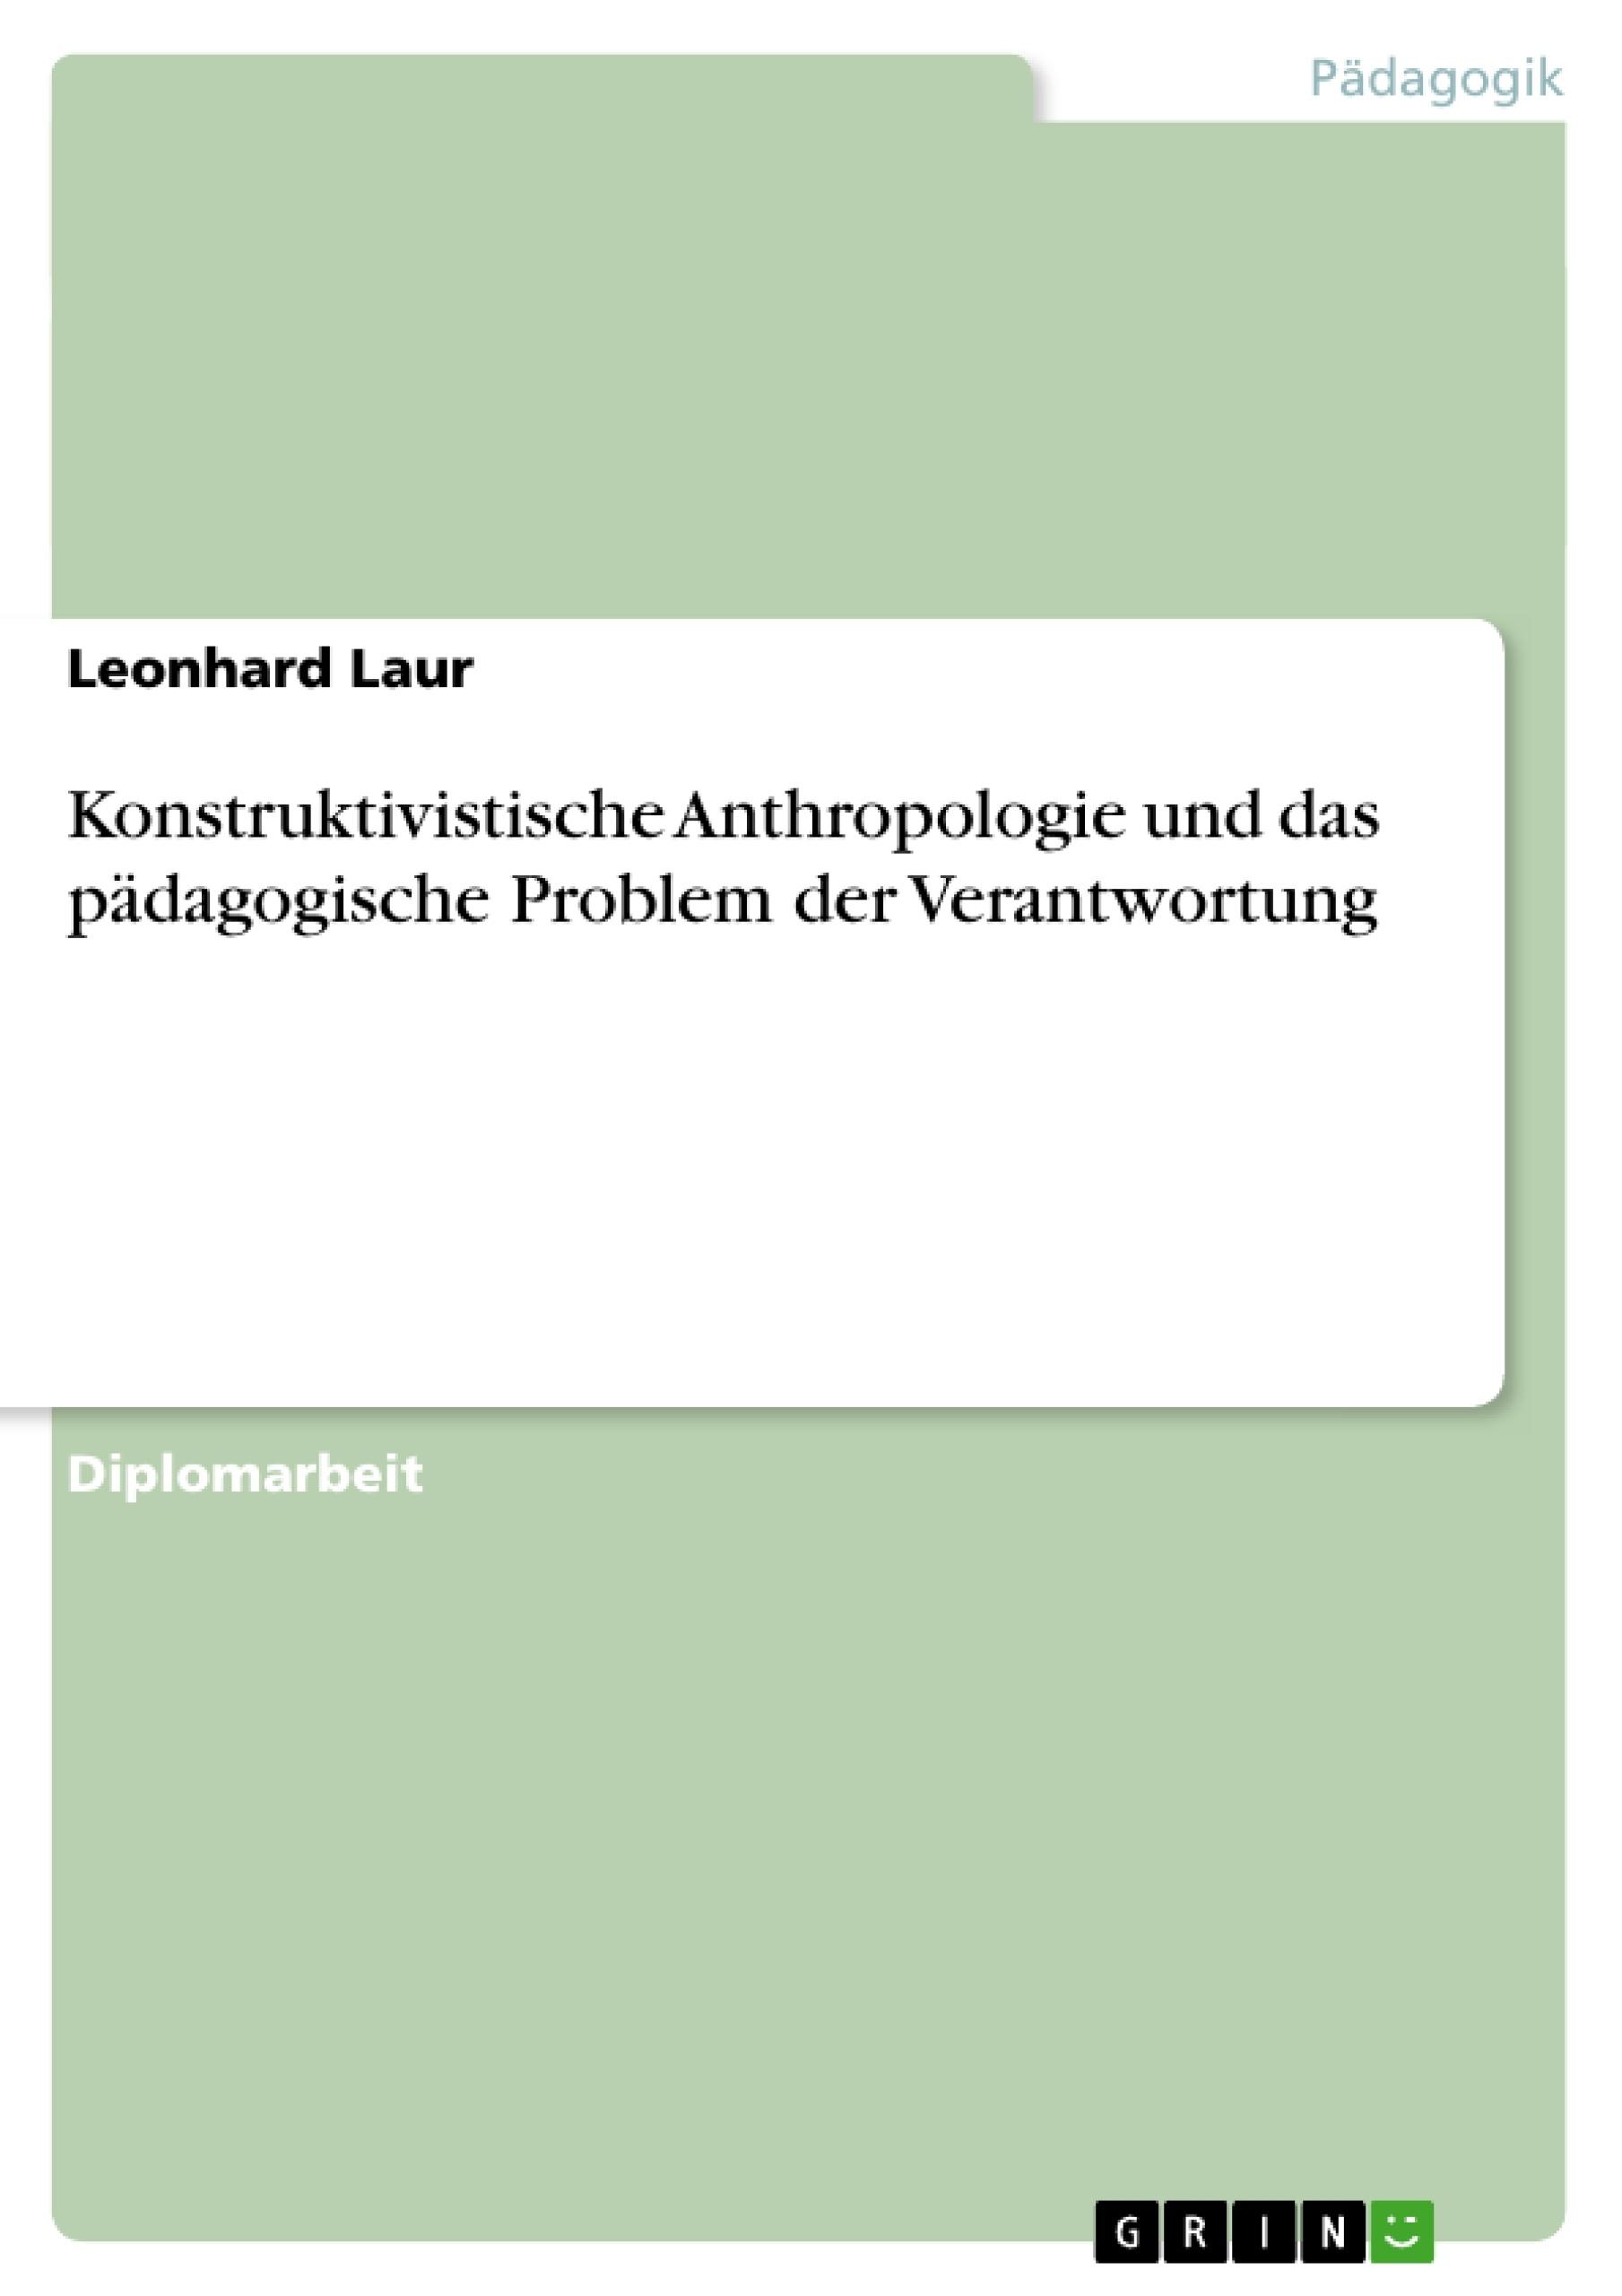 Titel: Konstruktivistische Anthropologie und das pädagogische Problem der Verantwortung